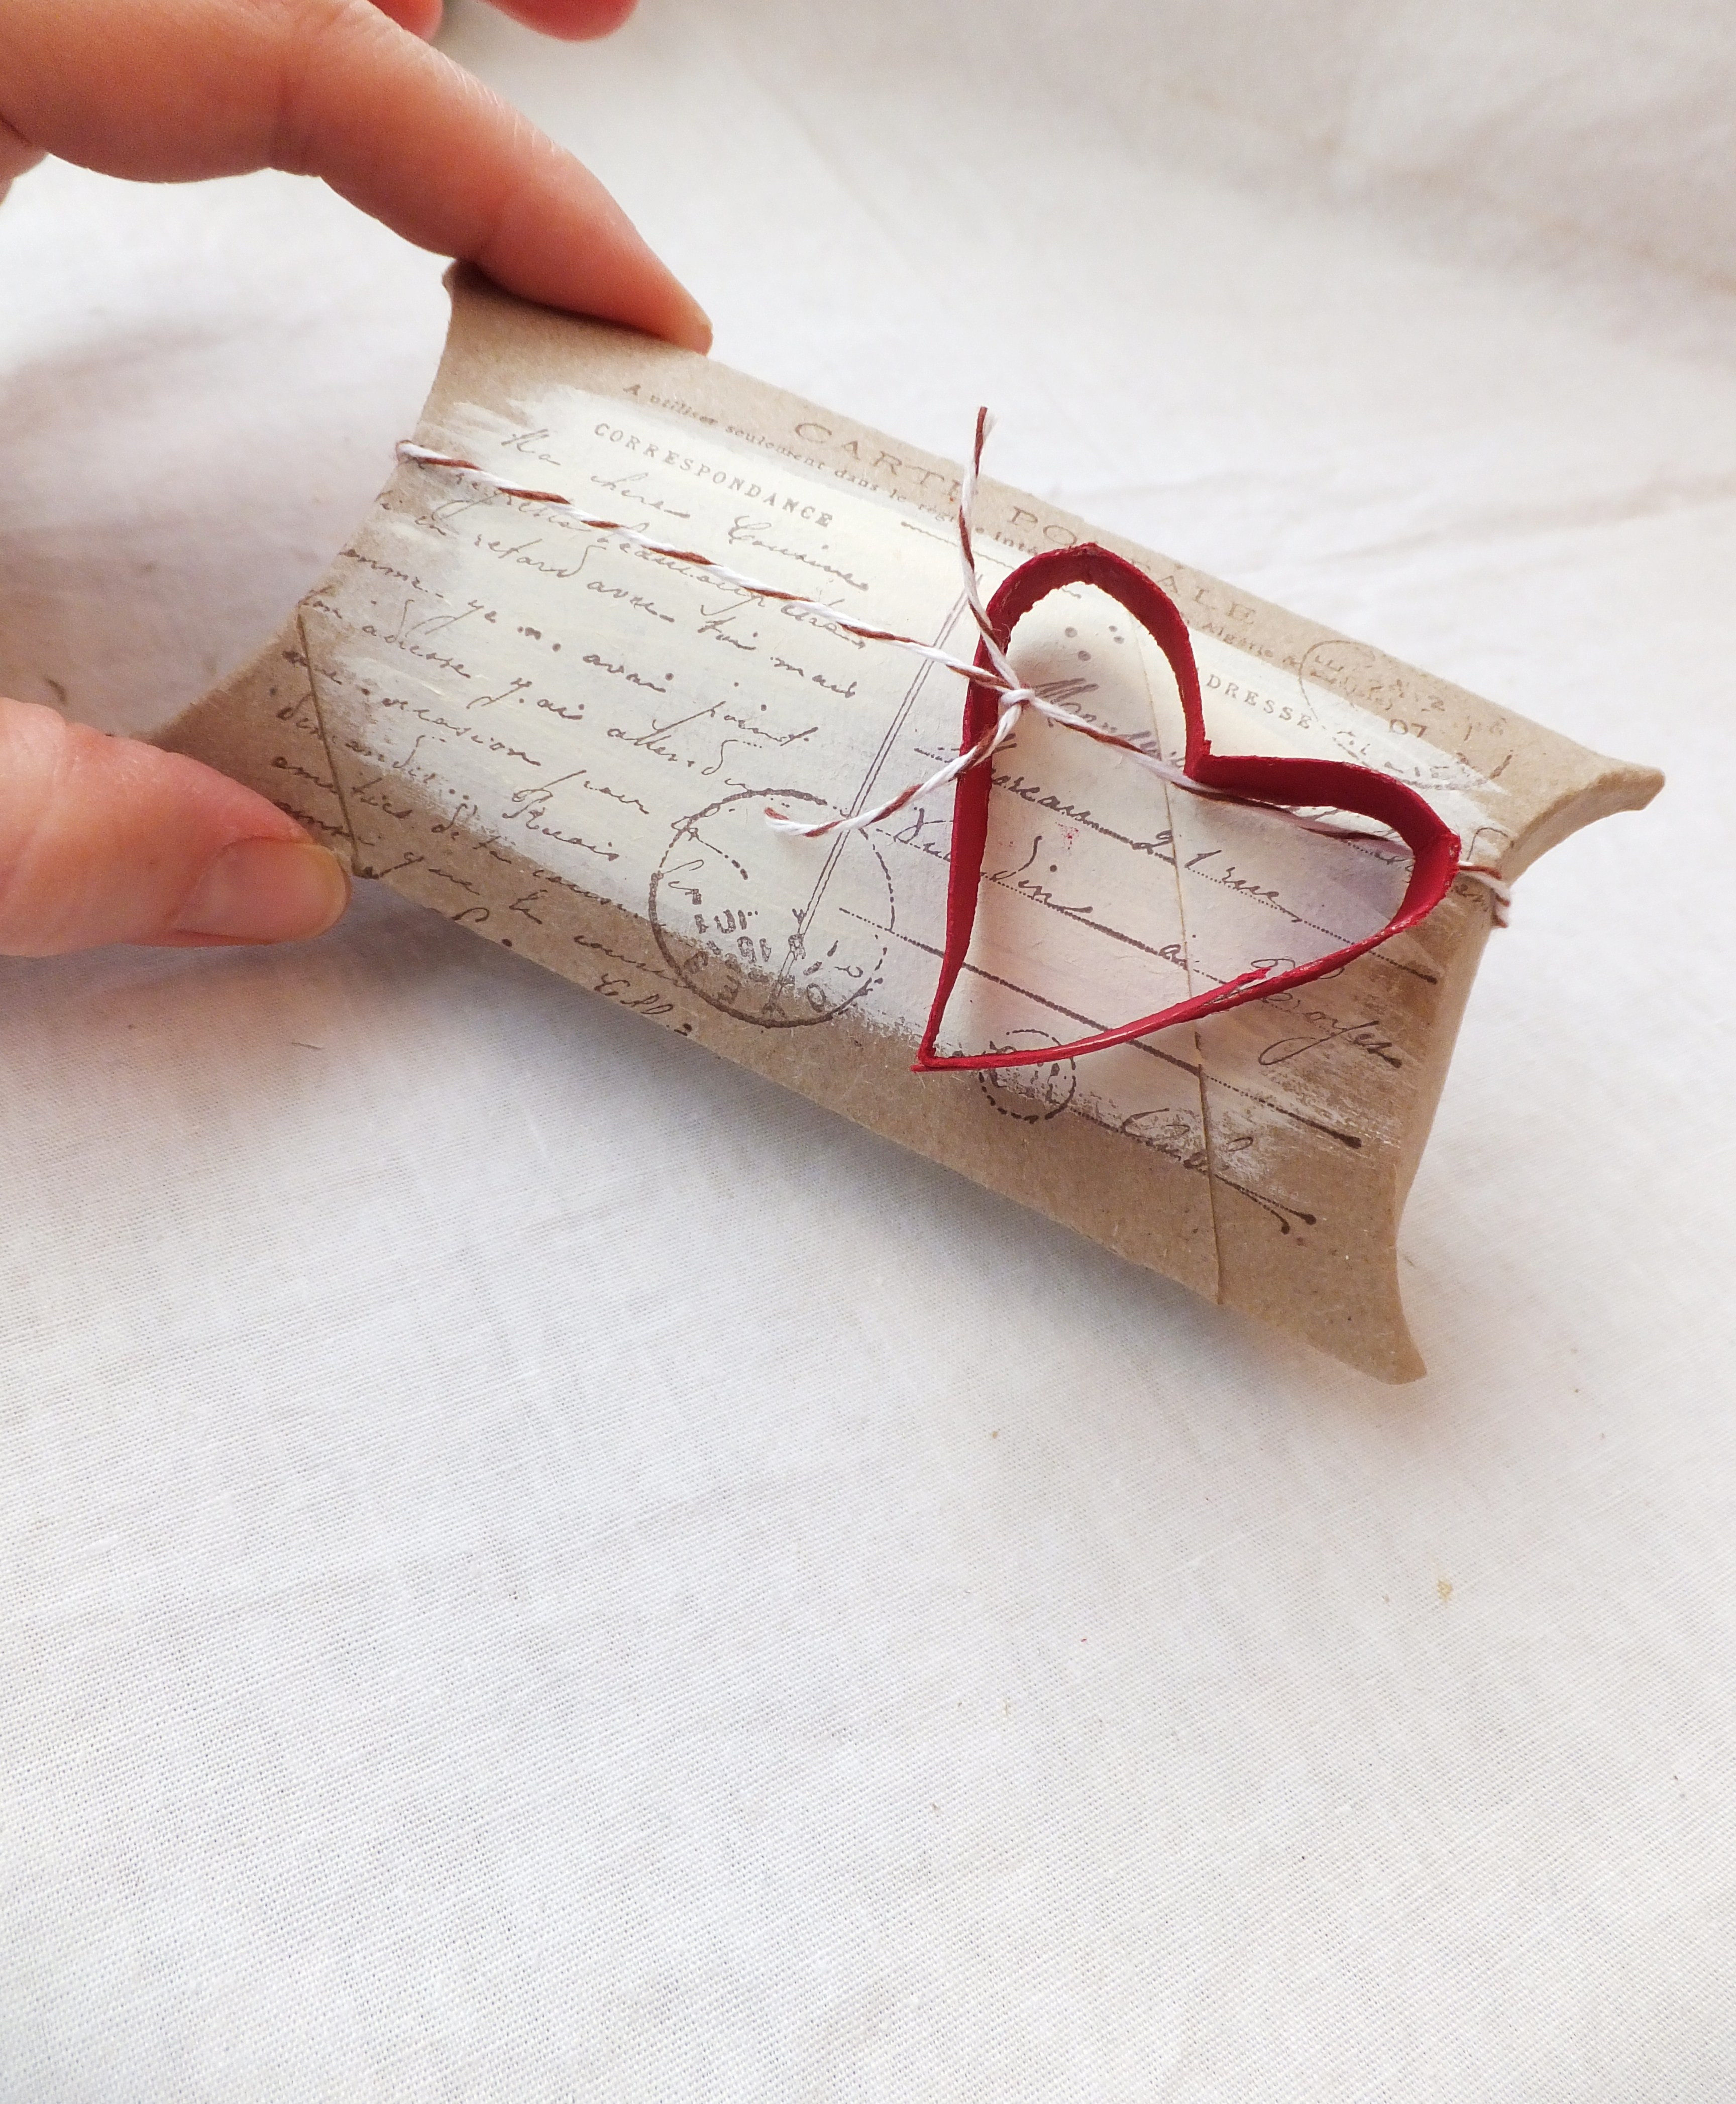 Kак упаковать подарок в бумагу: секреты профессионалов 9